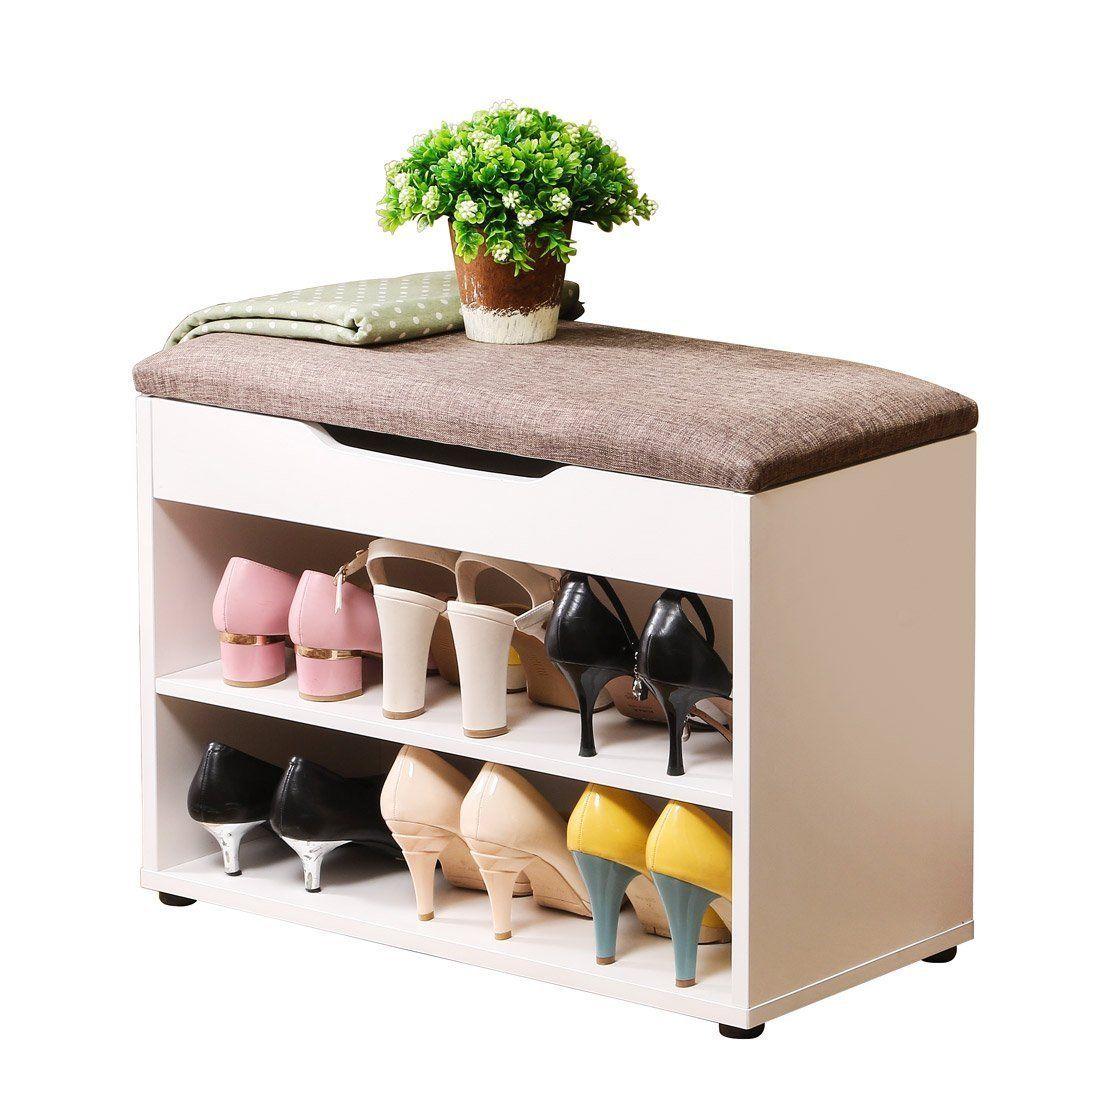 אולם כניסה ספסל אחסון ארון אחסון נעלי 2-Tier פשתן החדש מעץ בסגנון עליון ספה